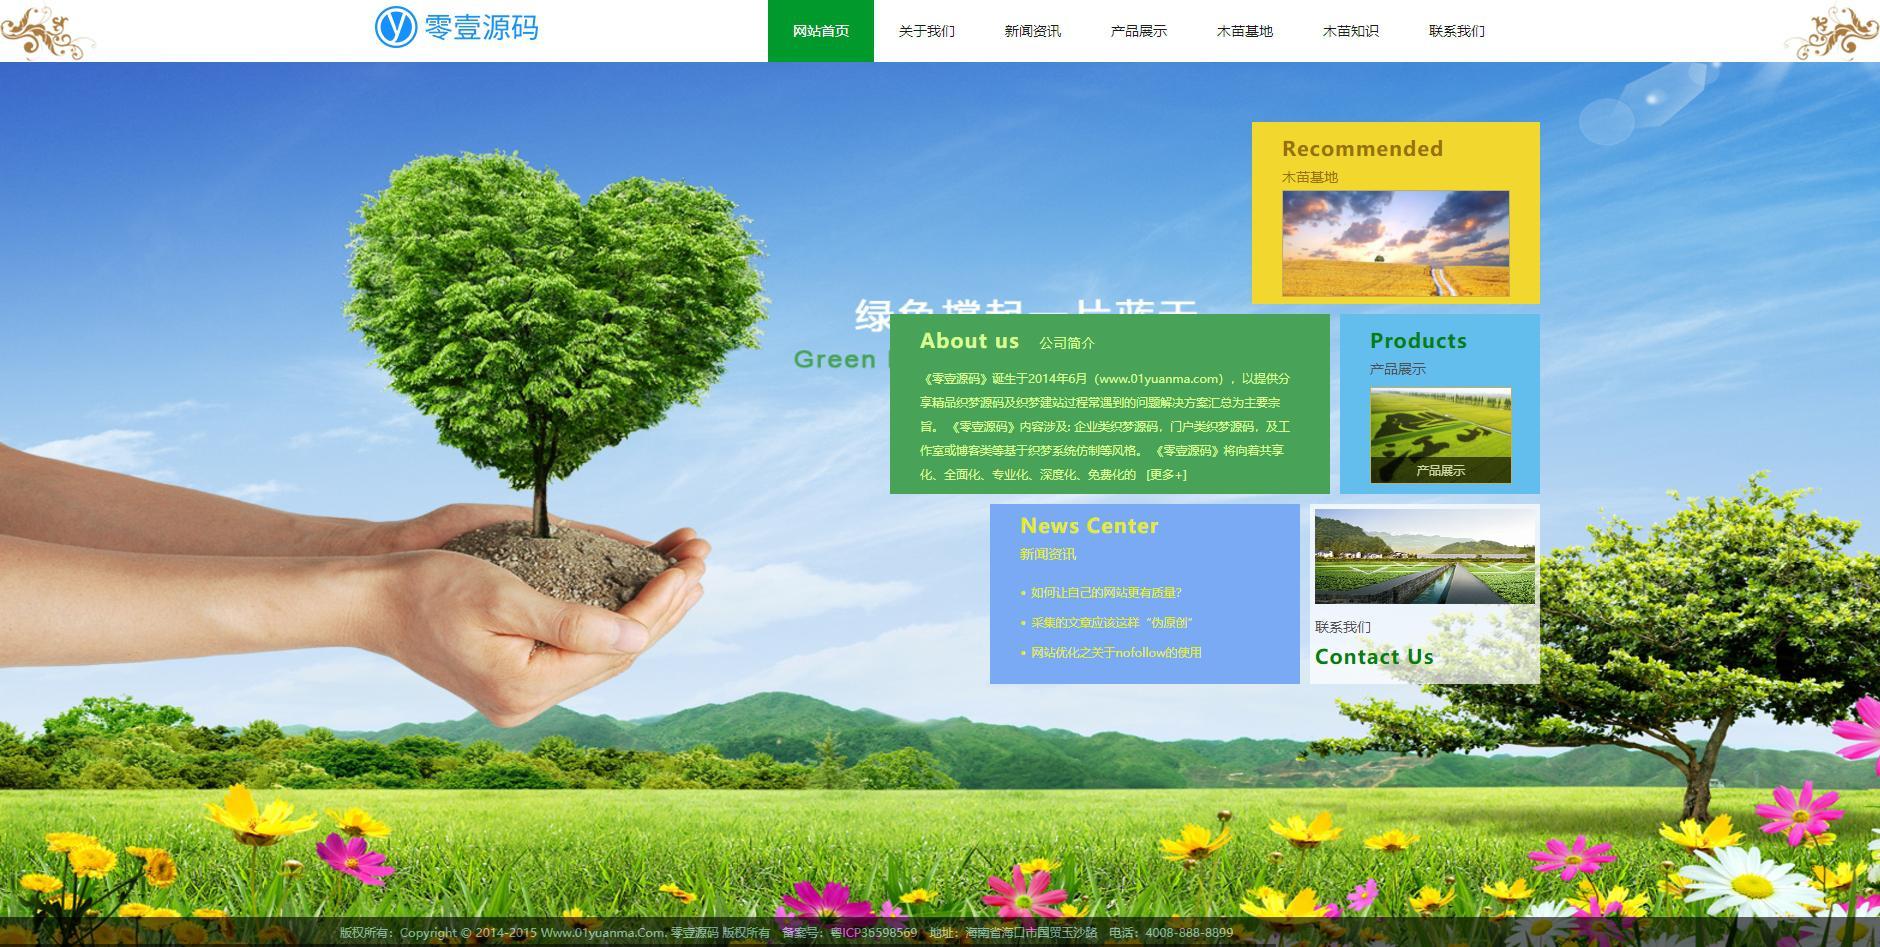 农林农业木苗产品网站织梦dedecms模板